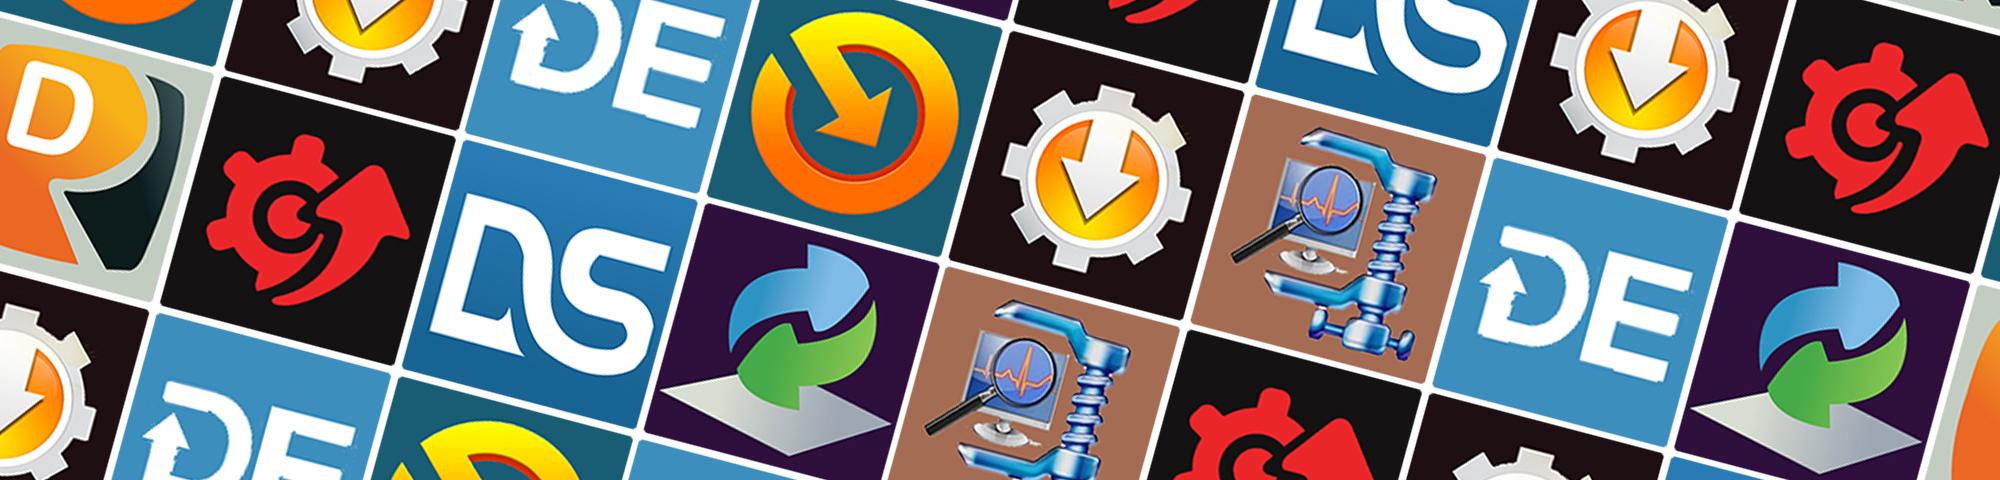 Best Driver Update Software 2019 - Windows Updater Reviews